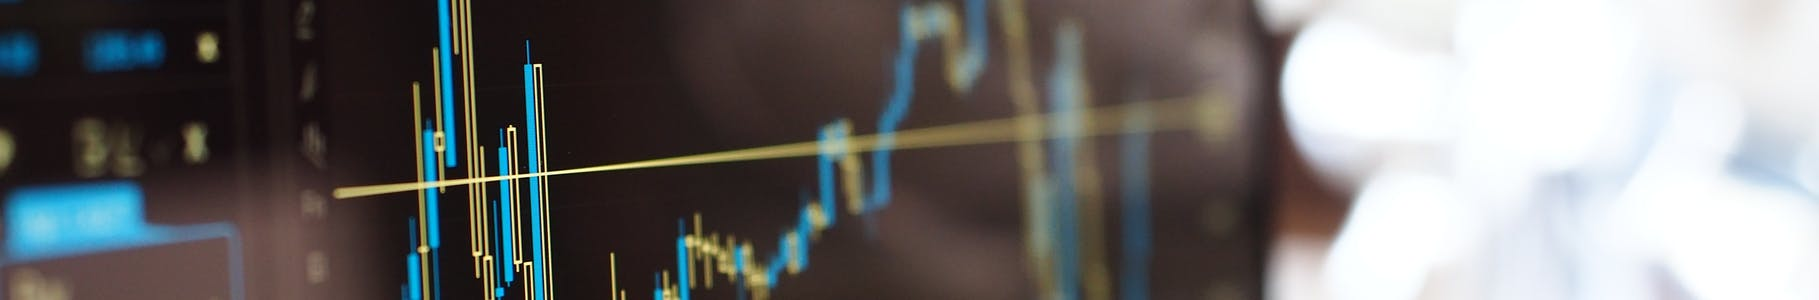 Multimedialny wykres, analiza finansowa na ekranie komputera